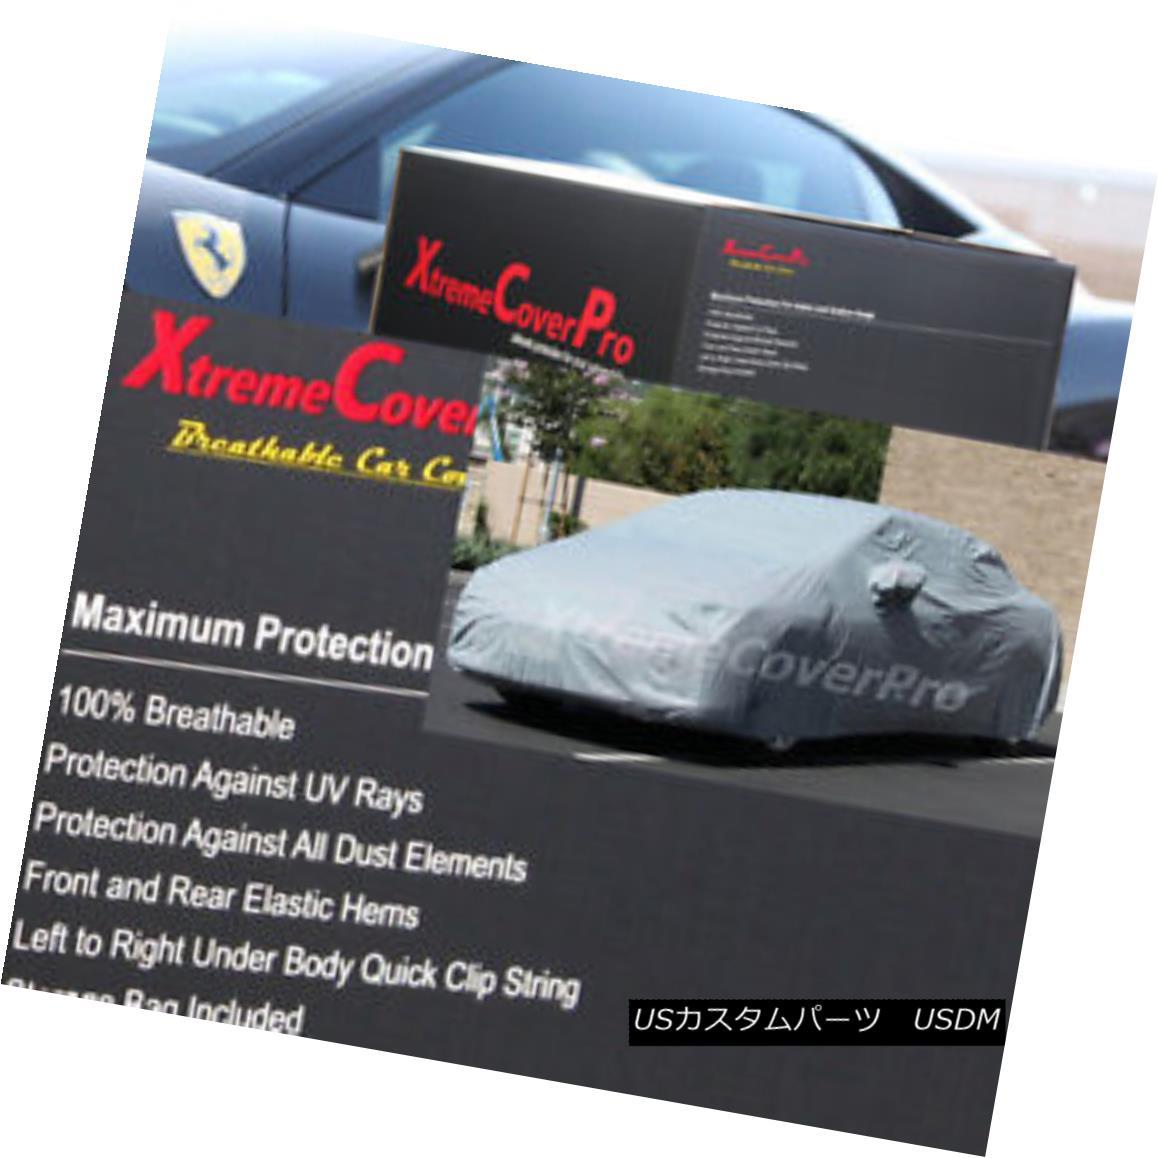 カーカバー 2013 Cadillac XTS Breathable Car Cover w/MirrorPocket 2013年キャデラックXTS通気性車カバー付き(MirrorPocket)